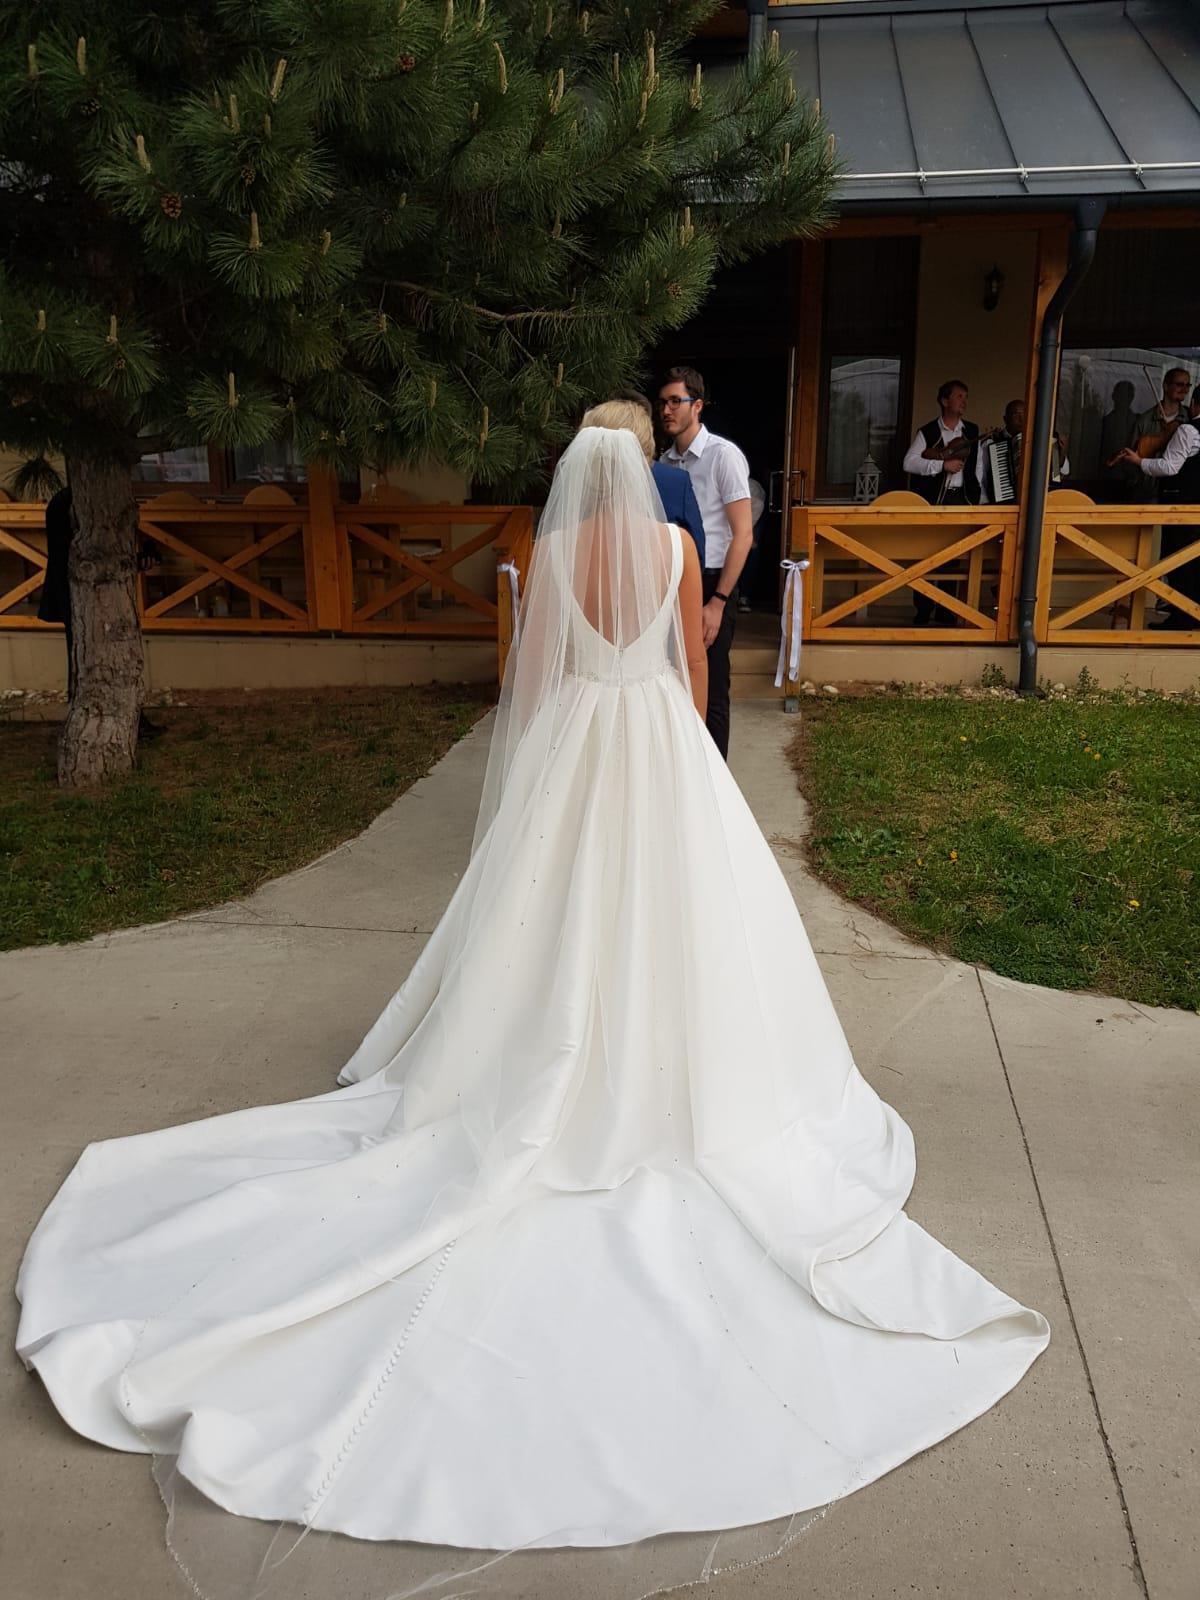 POIRIER svadobný závoj - Obrázok č. 1